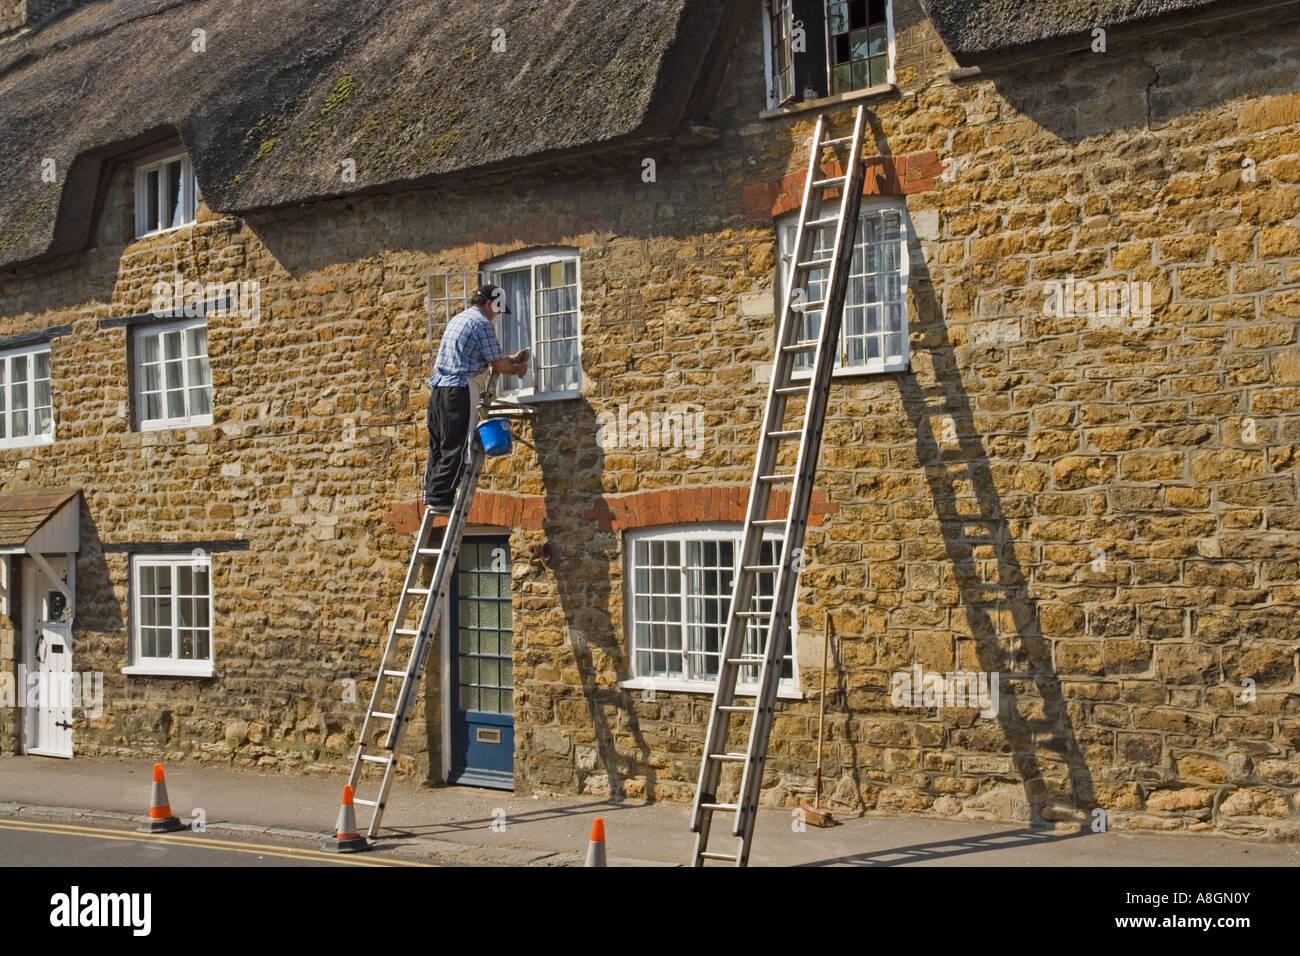 Peinture décorateur chaumière, Abbotsbury, Dorset, UK. Photo Stock